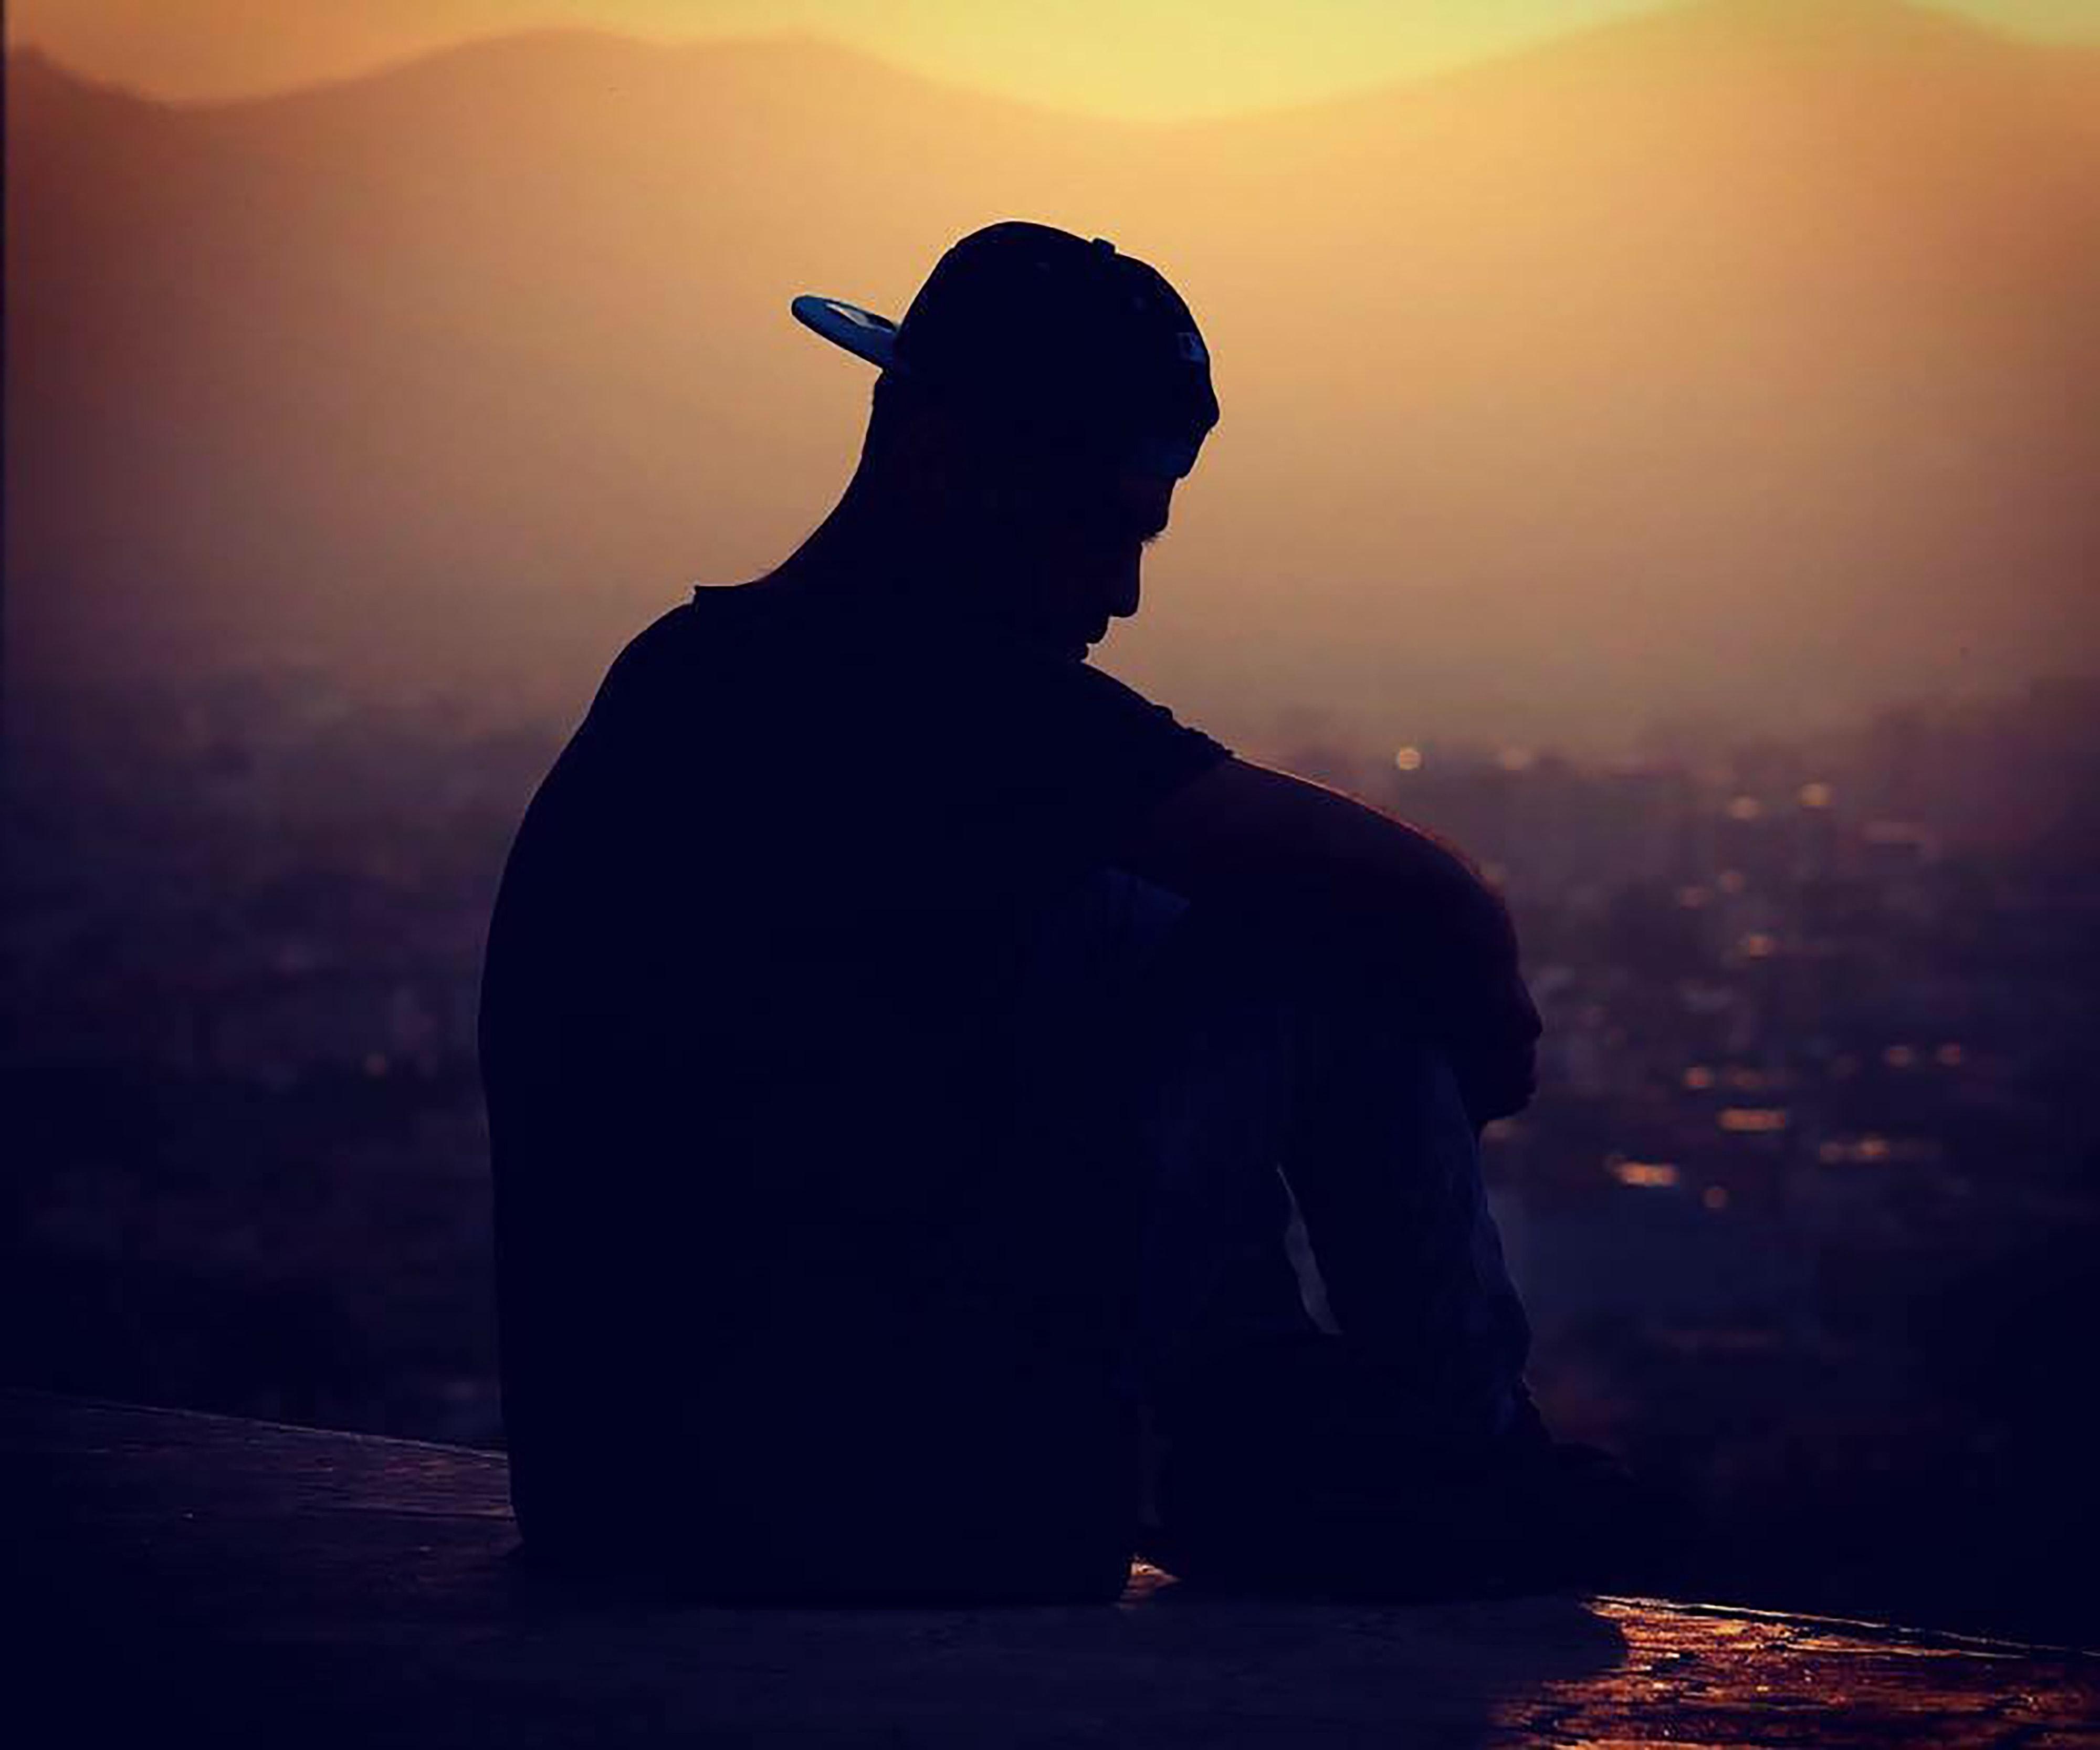 Tải hình ảnh buồn cô đơn đẹp nhất làm ảnh đại diện facebook